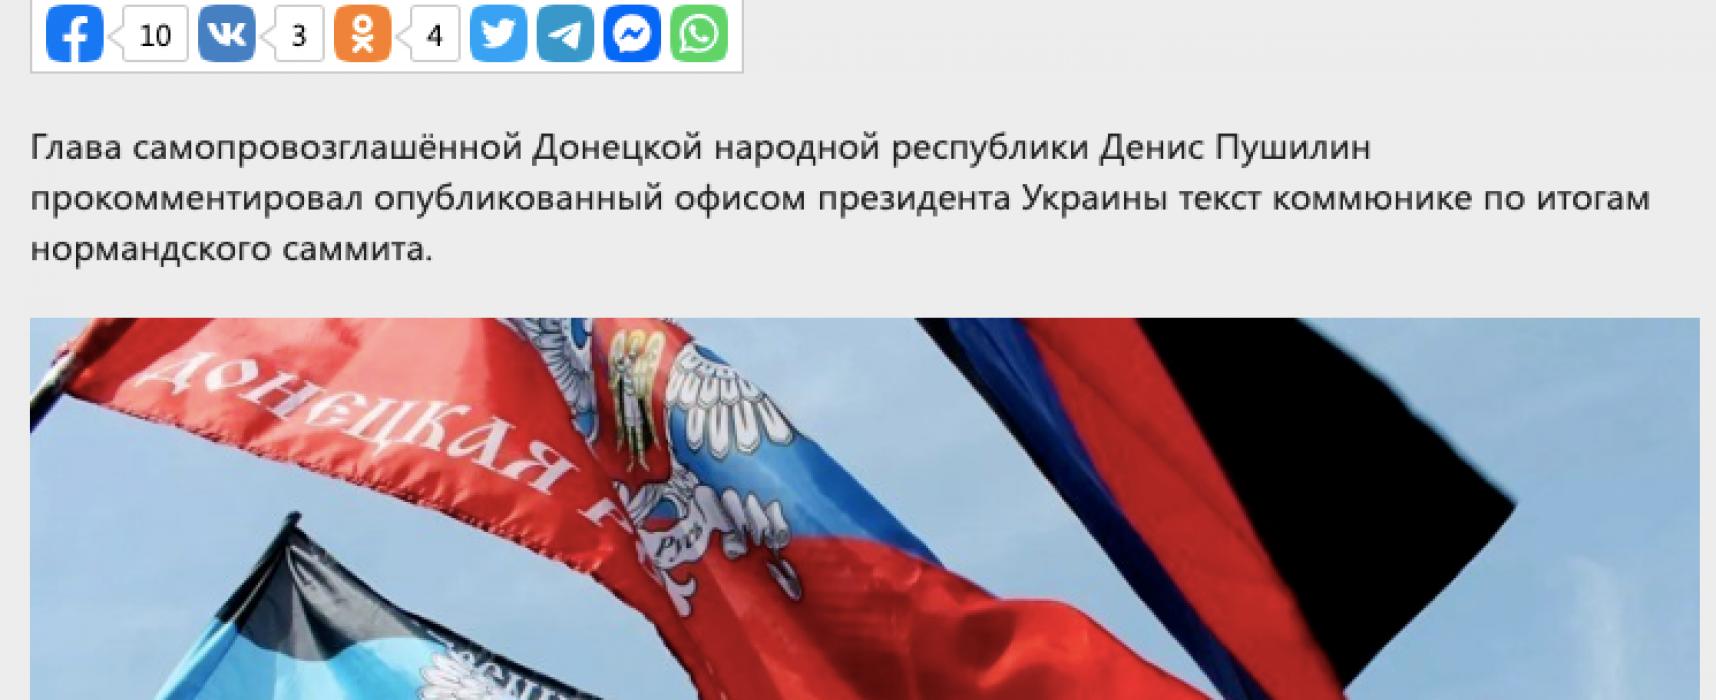 """Фейк: В """"ДНР"""" заявили о фальсификации коммюнике """"нормандской четверки"""", а потом исправлении документа"""